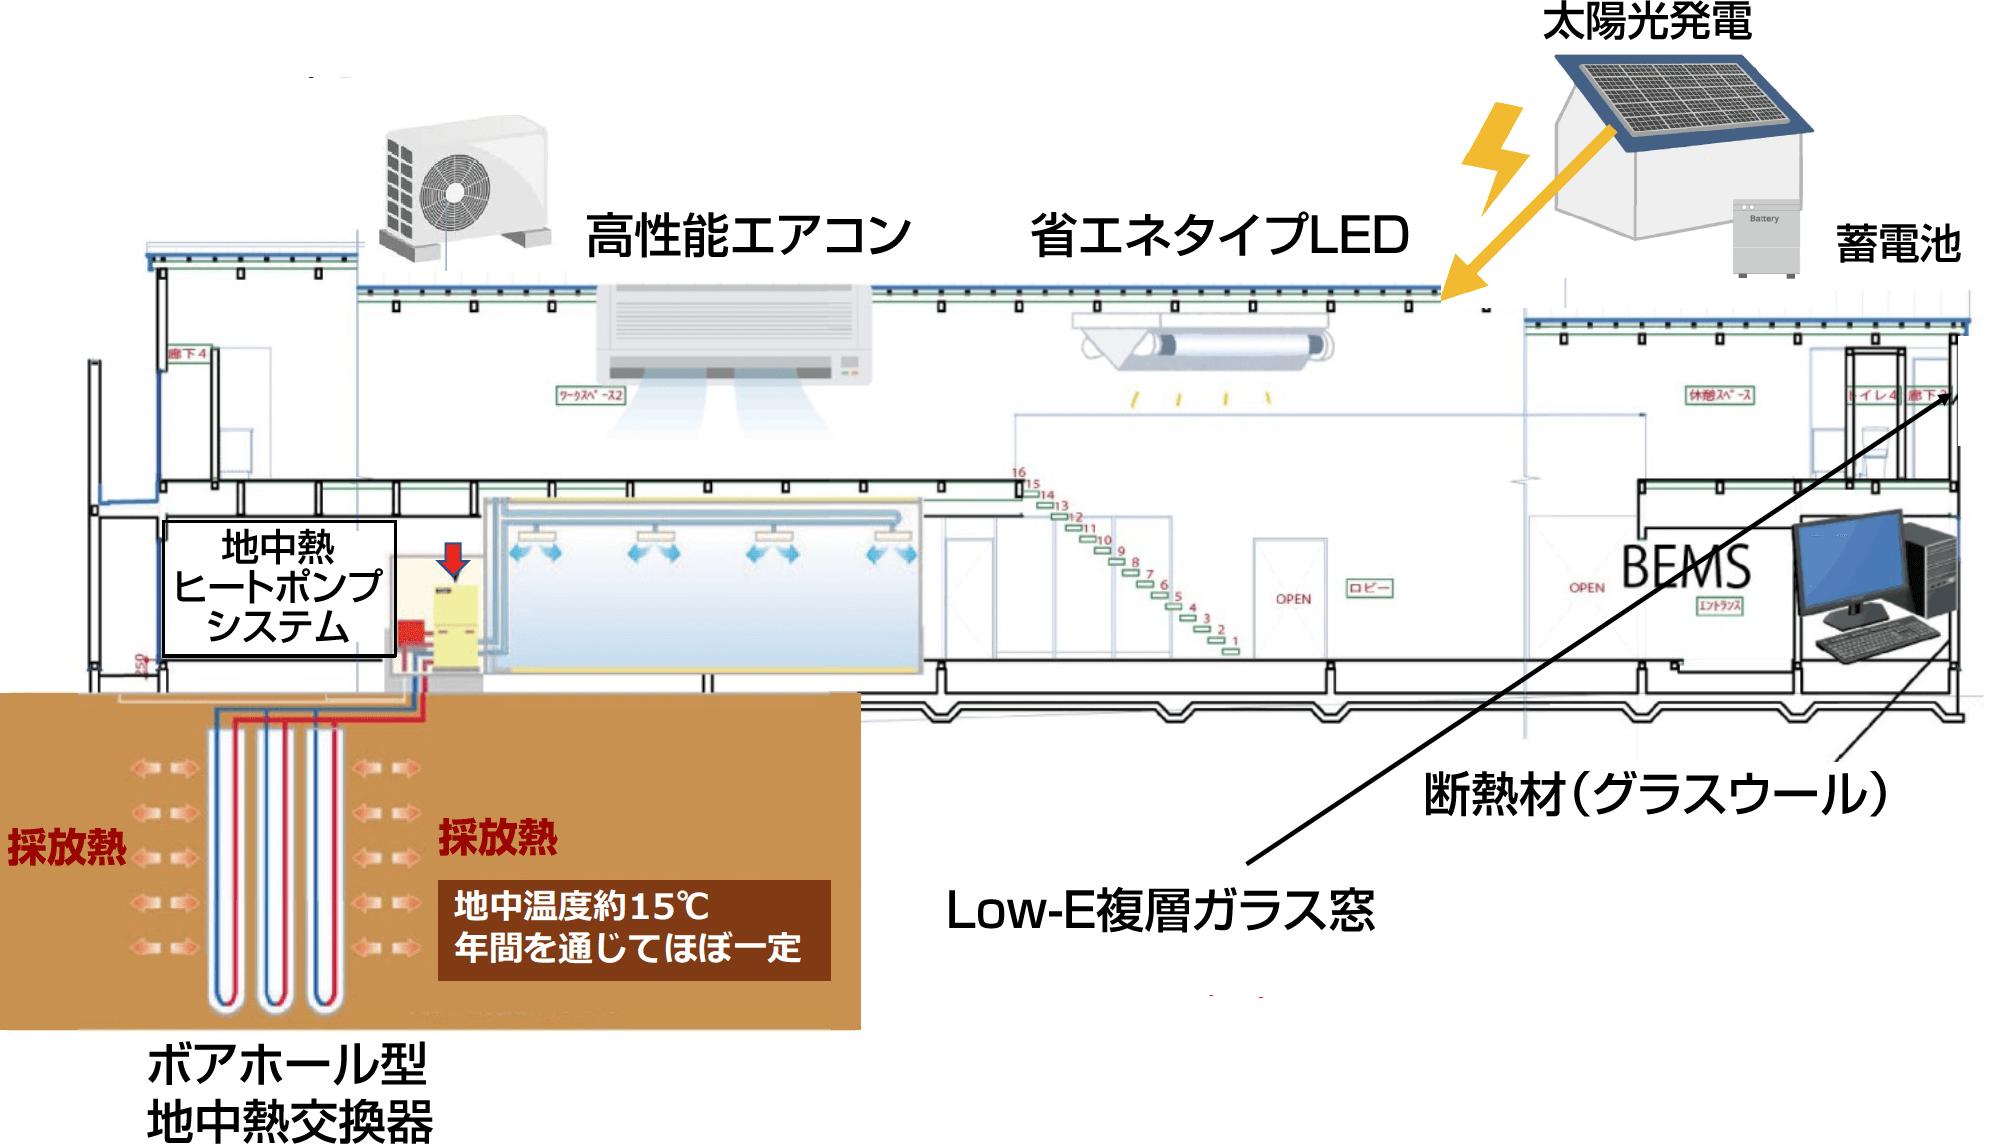 本社・再生可能エネルギー研究開発施設ZEB化事業概要図